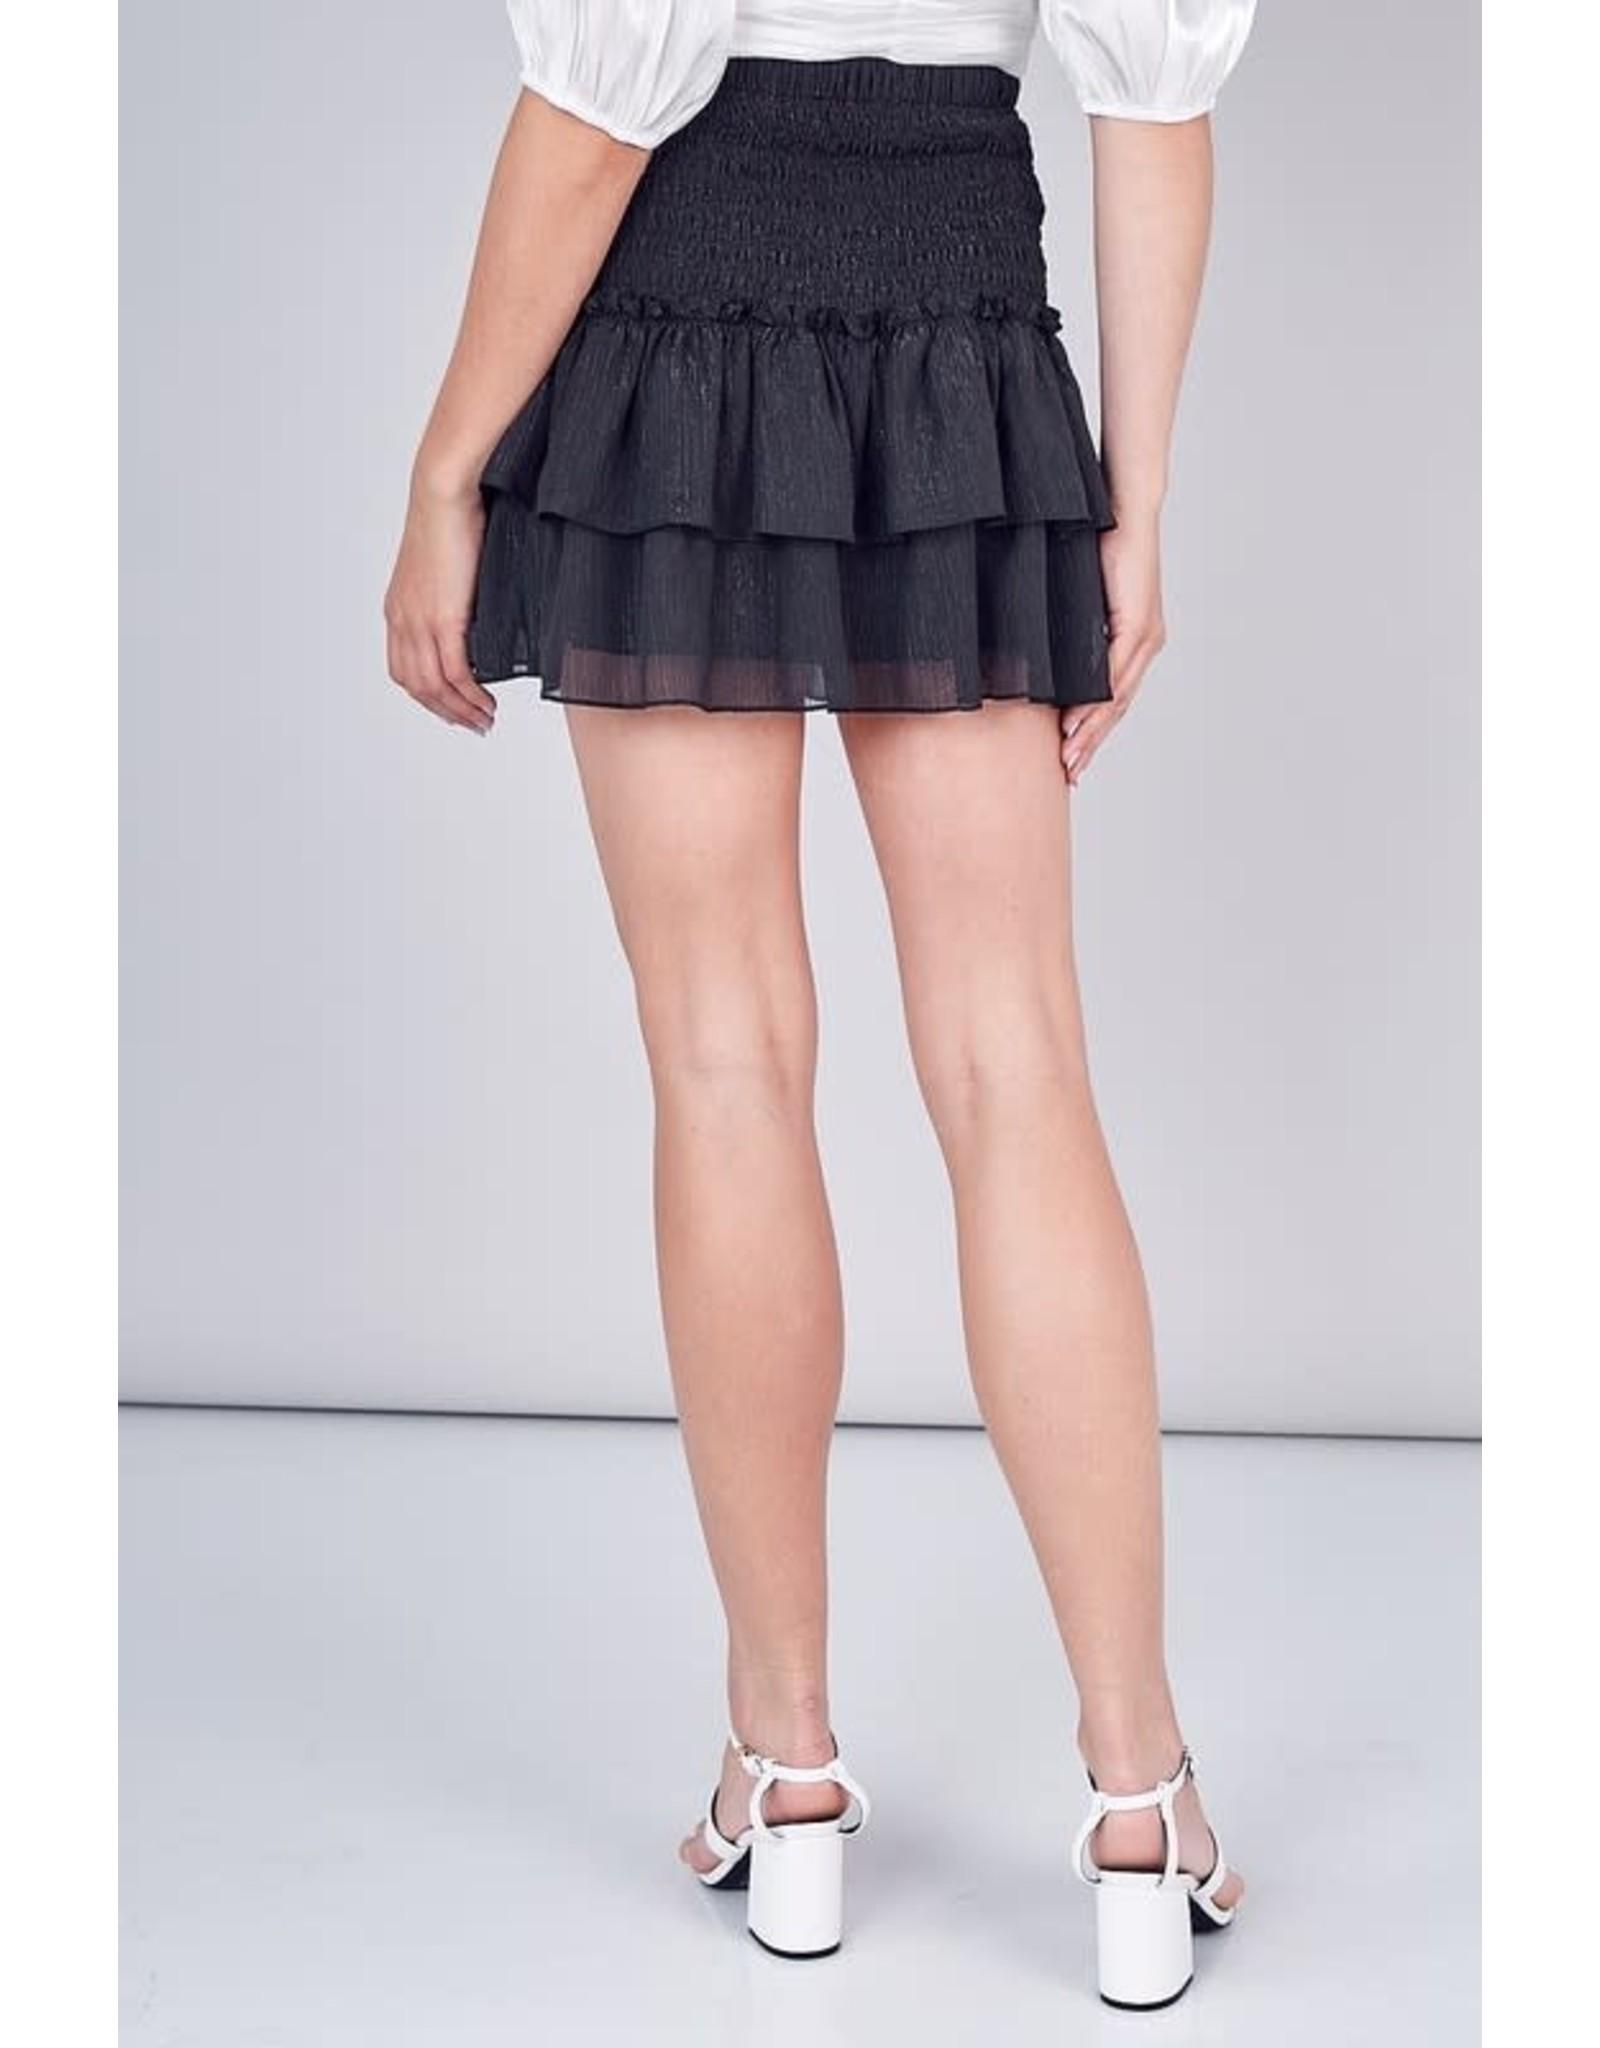 She's Cute Mini Skirt